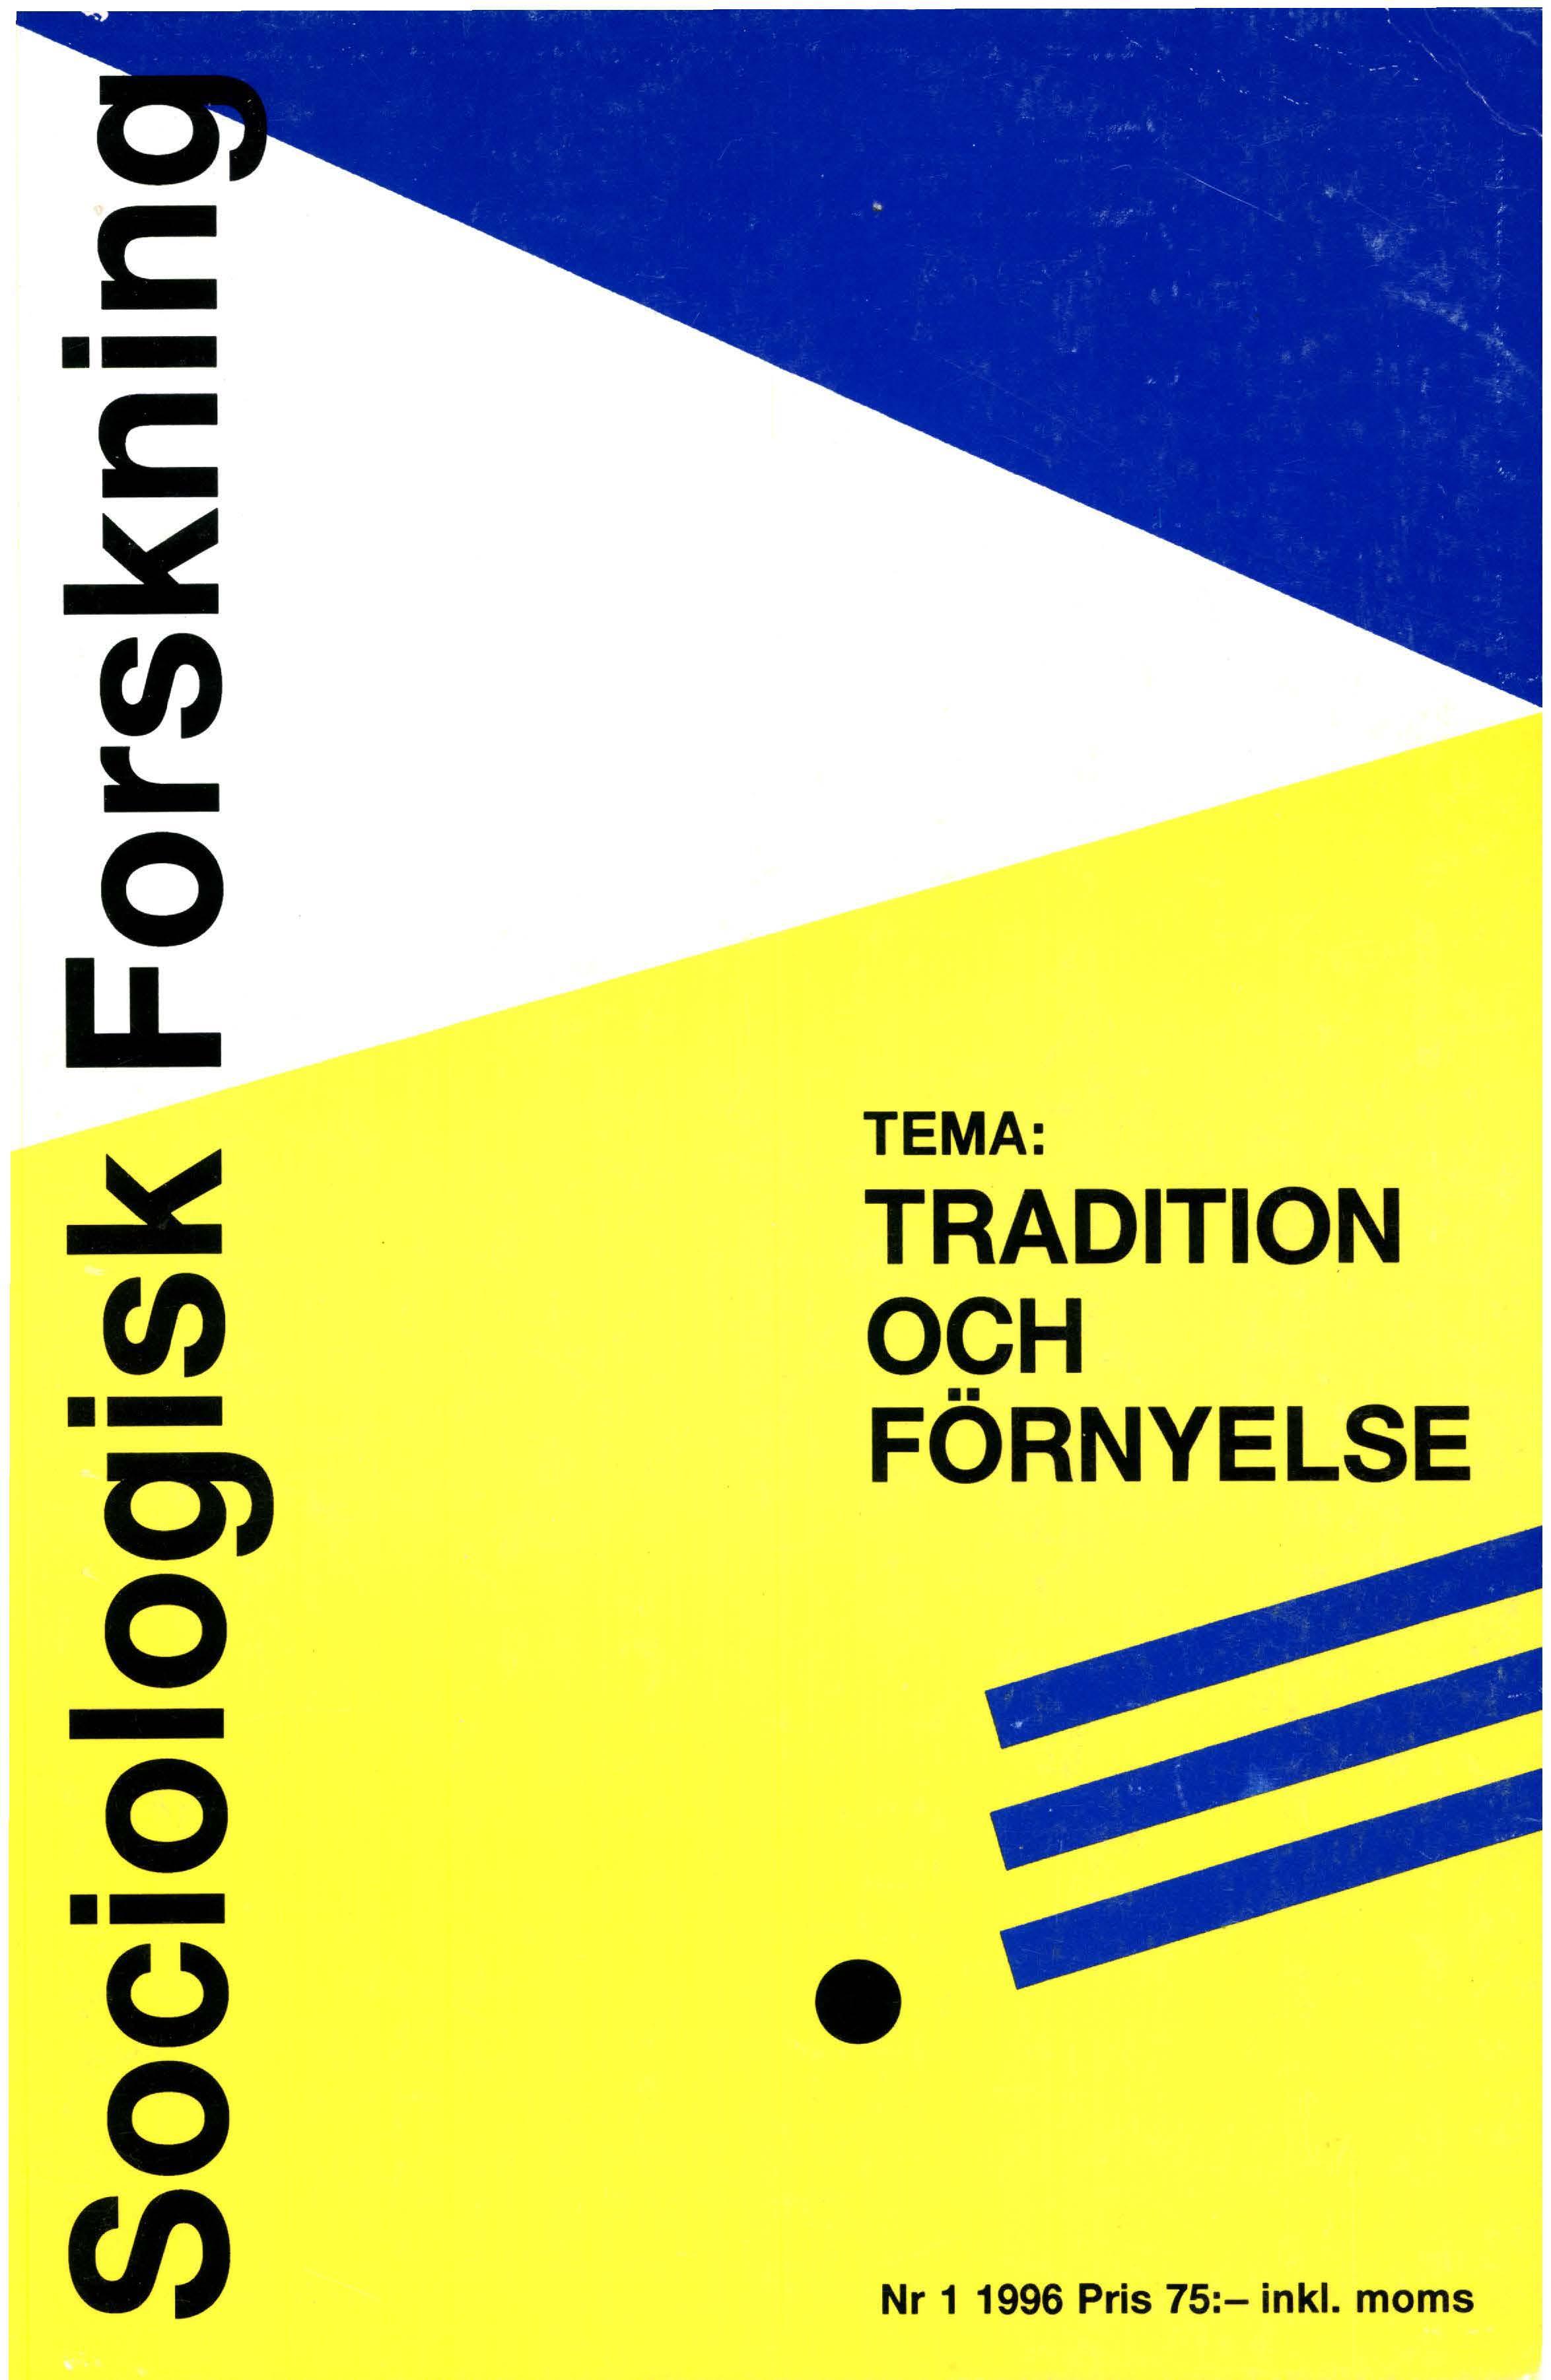 Visa Vol 33 Nr 1 (1996): Tema: Tradition och förnyelse